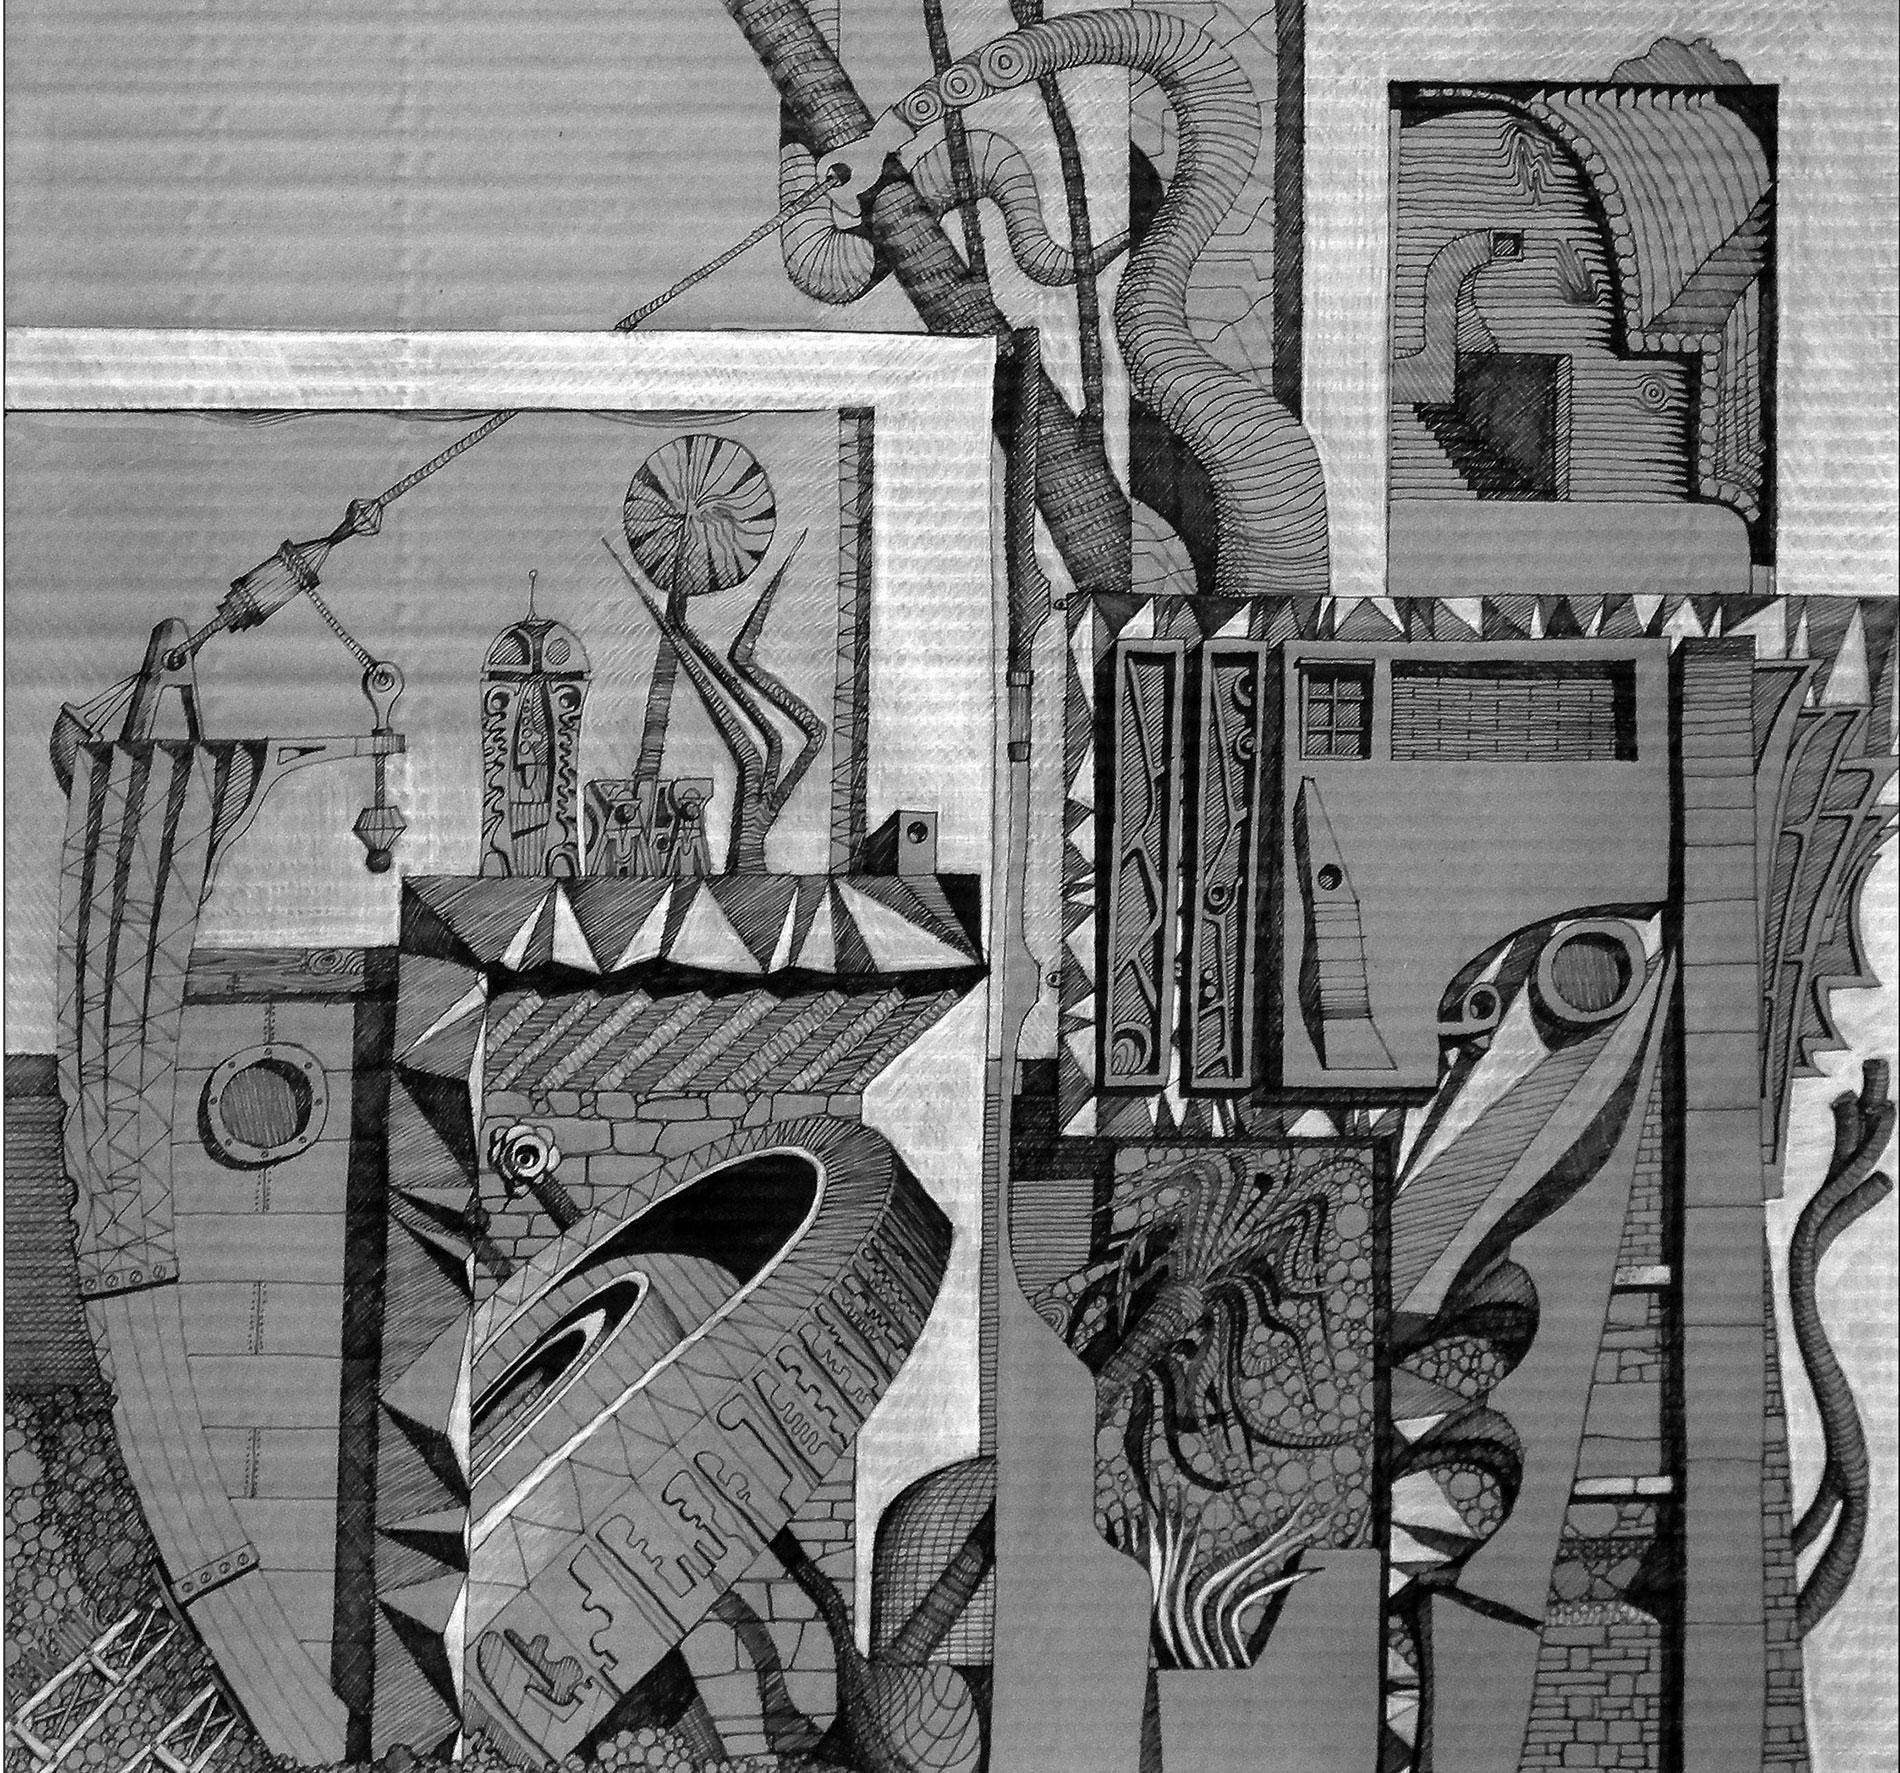 Σημειώσεις για τη συγκρότηση του αισθητικού μηνύματος στην αρχιτεκτονική